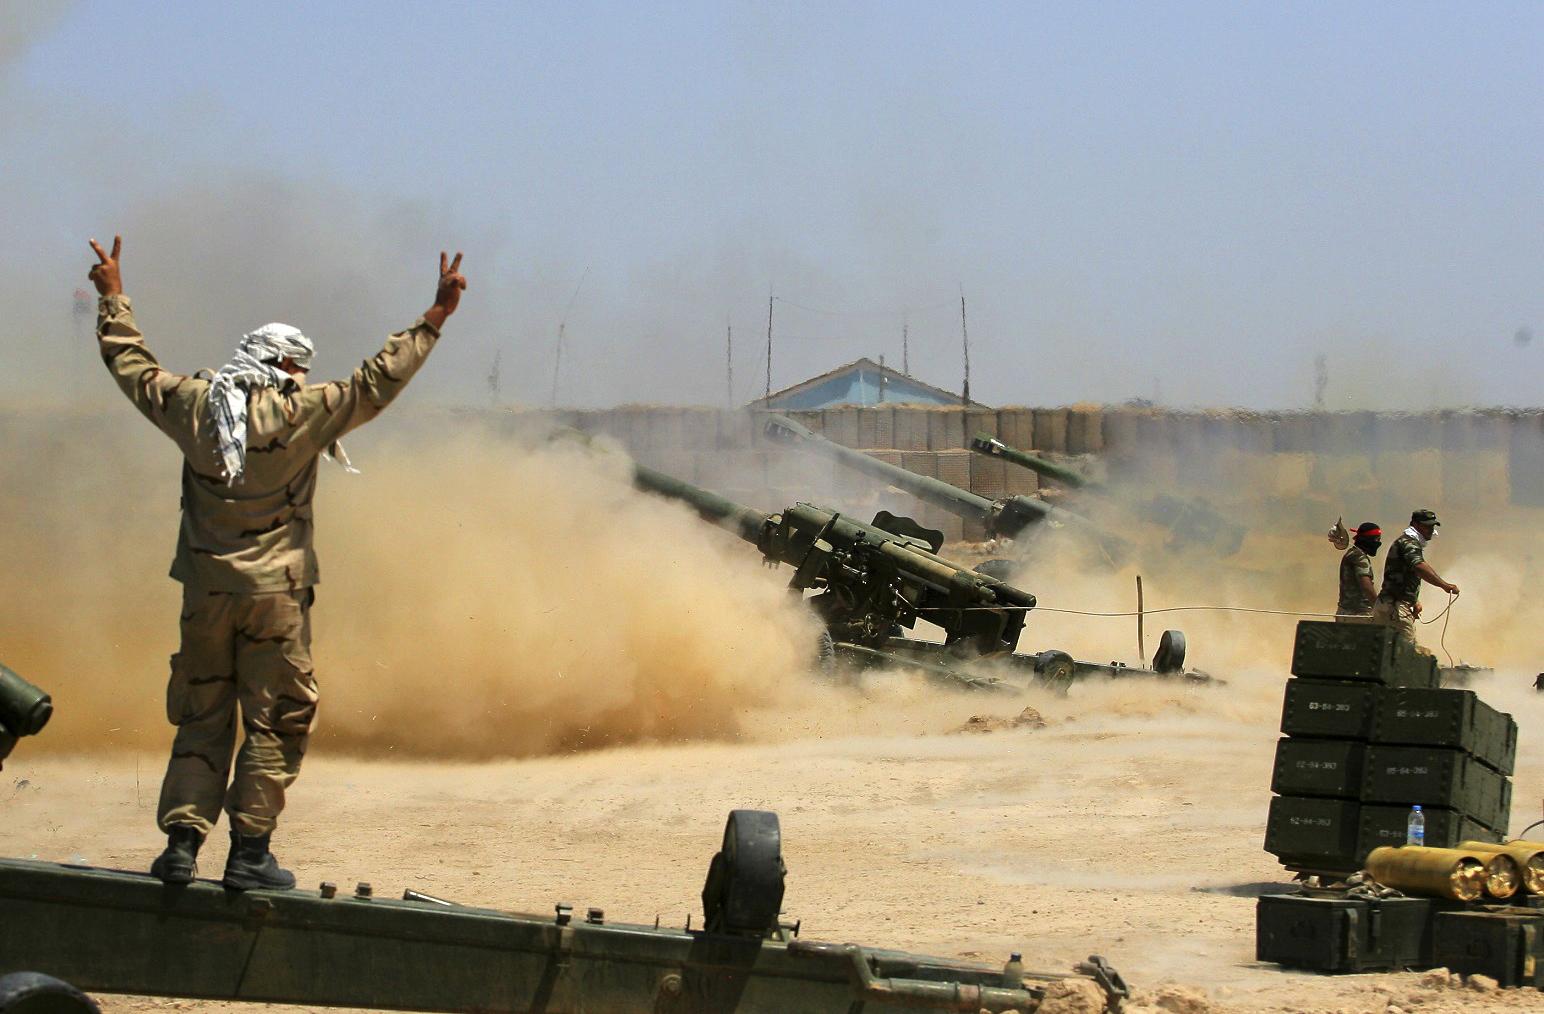 150 de jihadisti ucisi si 600 de vehicule distruse in raiduri aeriene. Cum au sarbatorit oamenii eliberarea orasului Fallujah